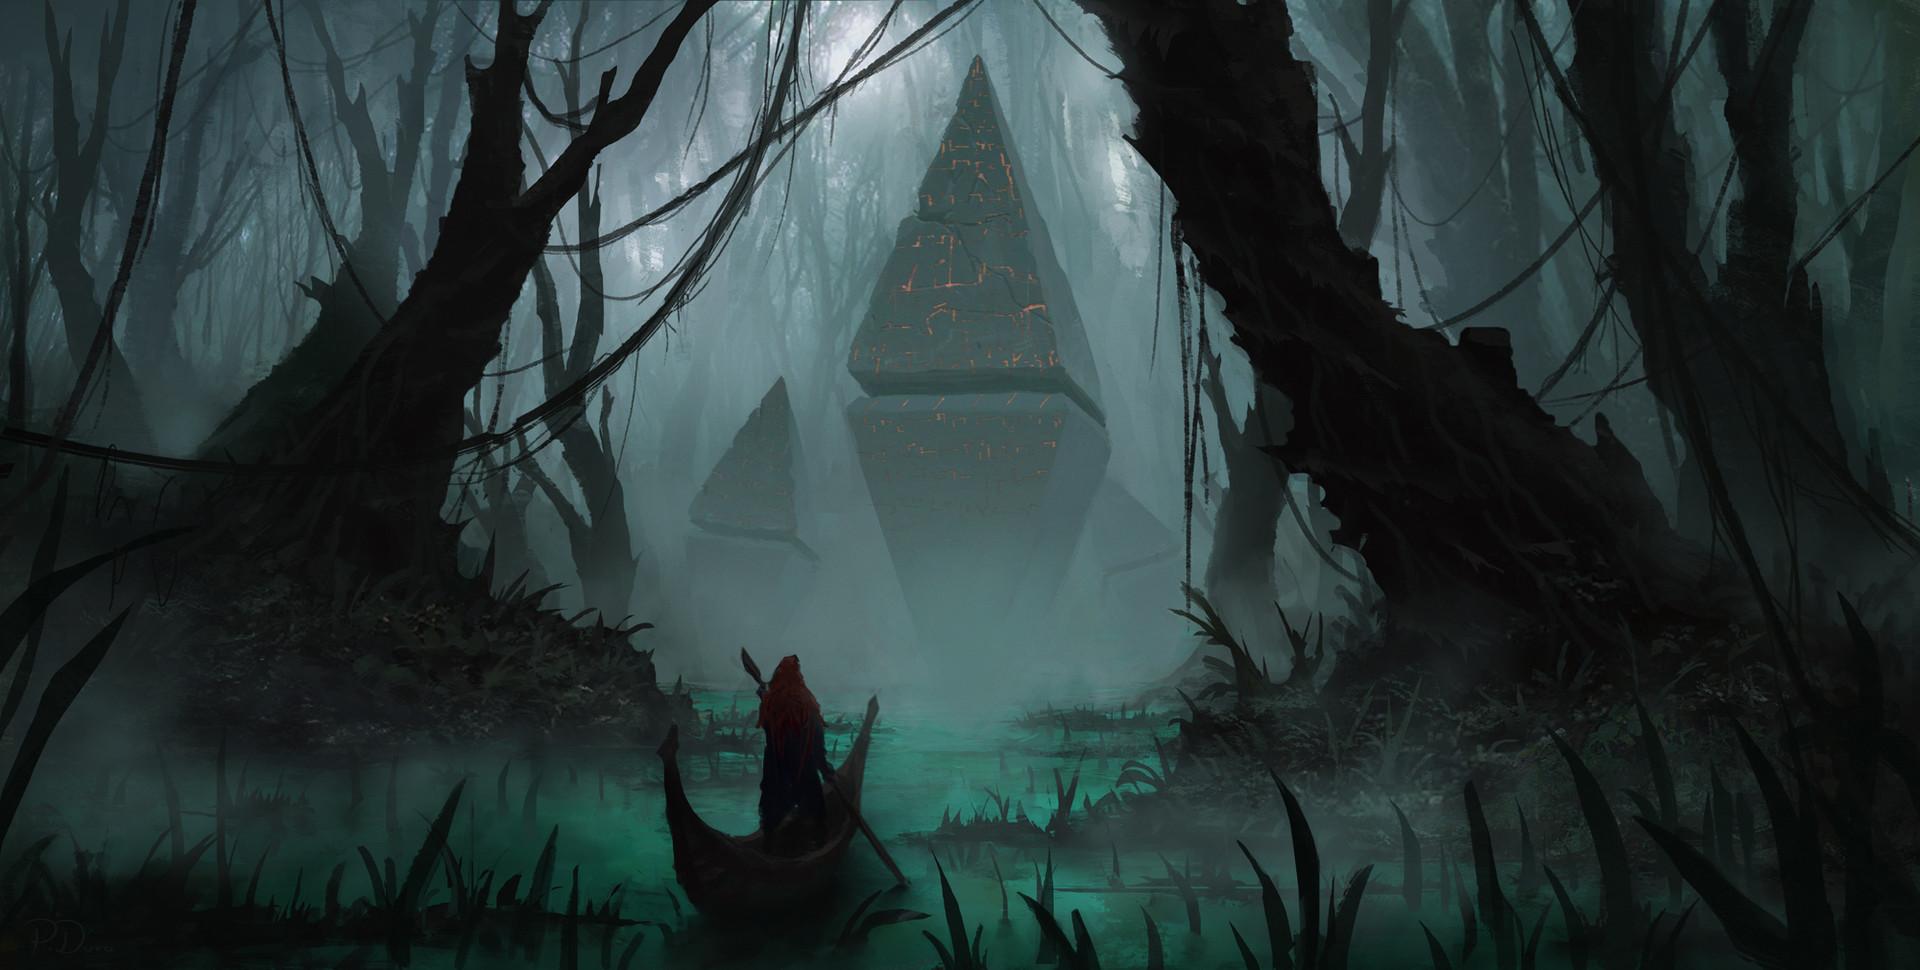 Artstation - Swamp Relics Piotr Dura